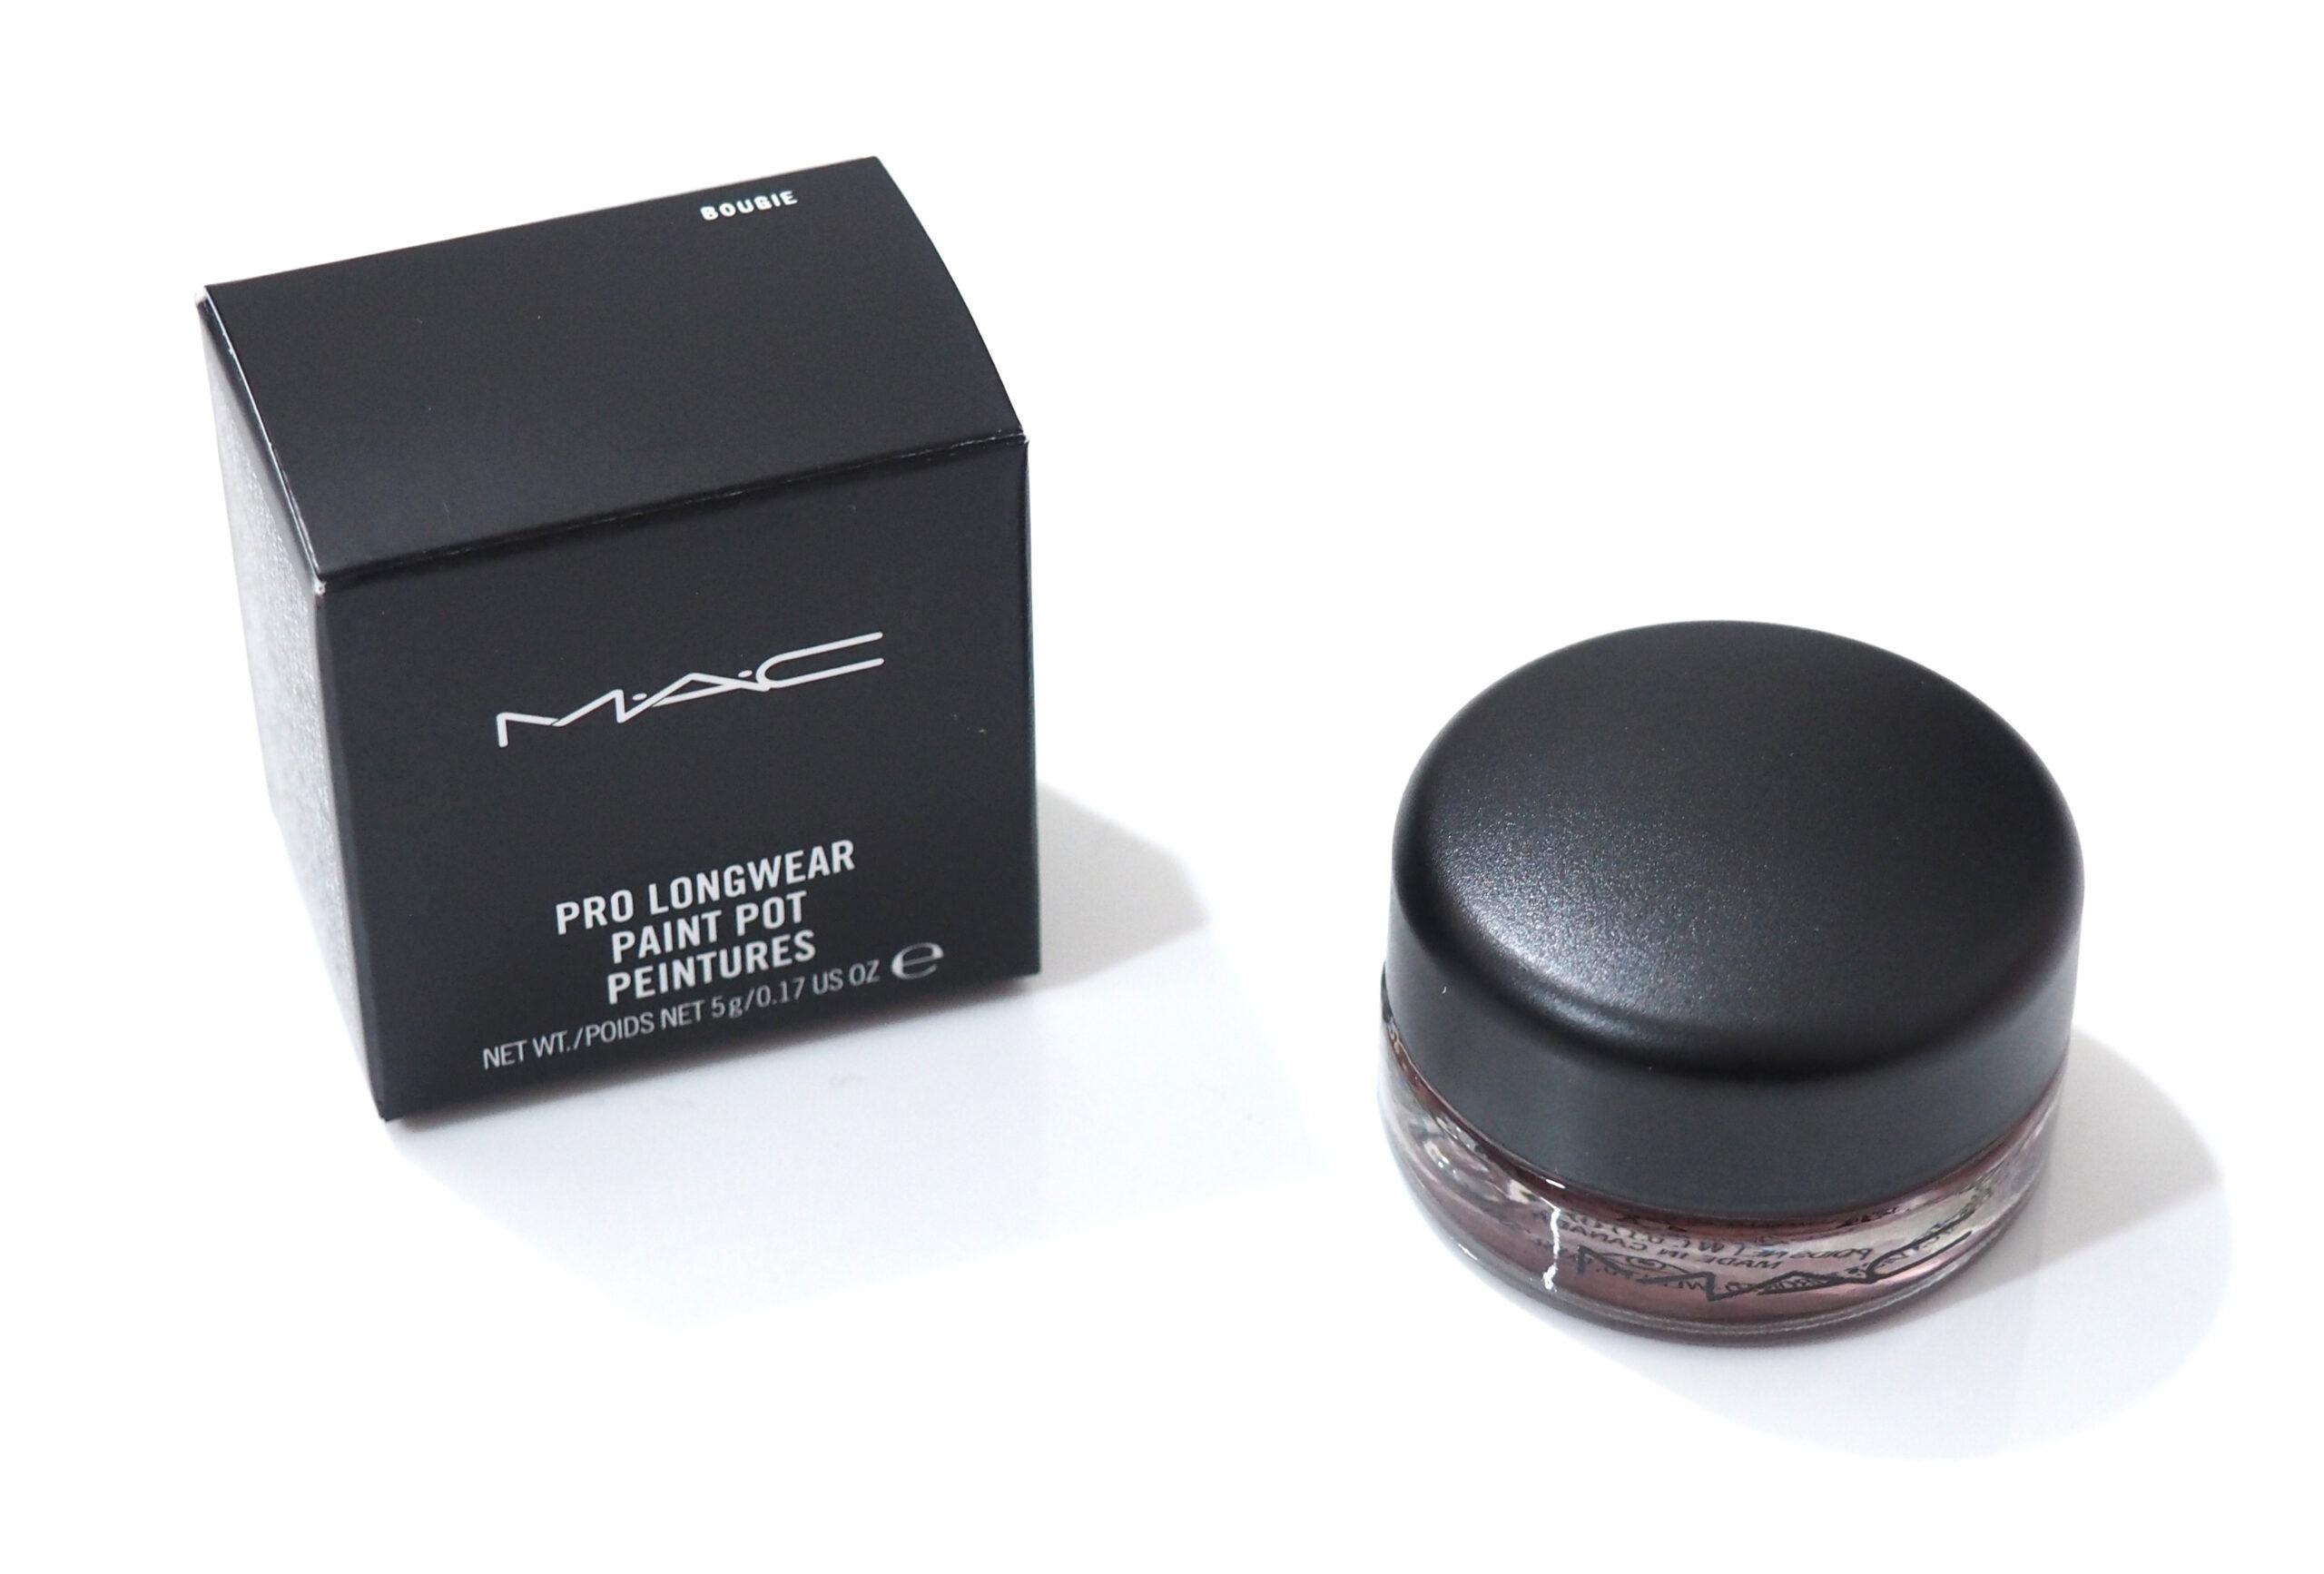 MAC Bougie Pro Longwear Paint Pot